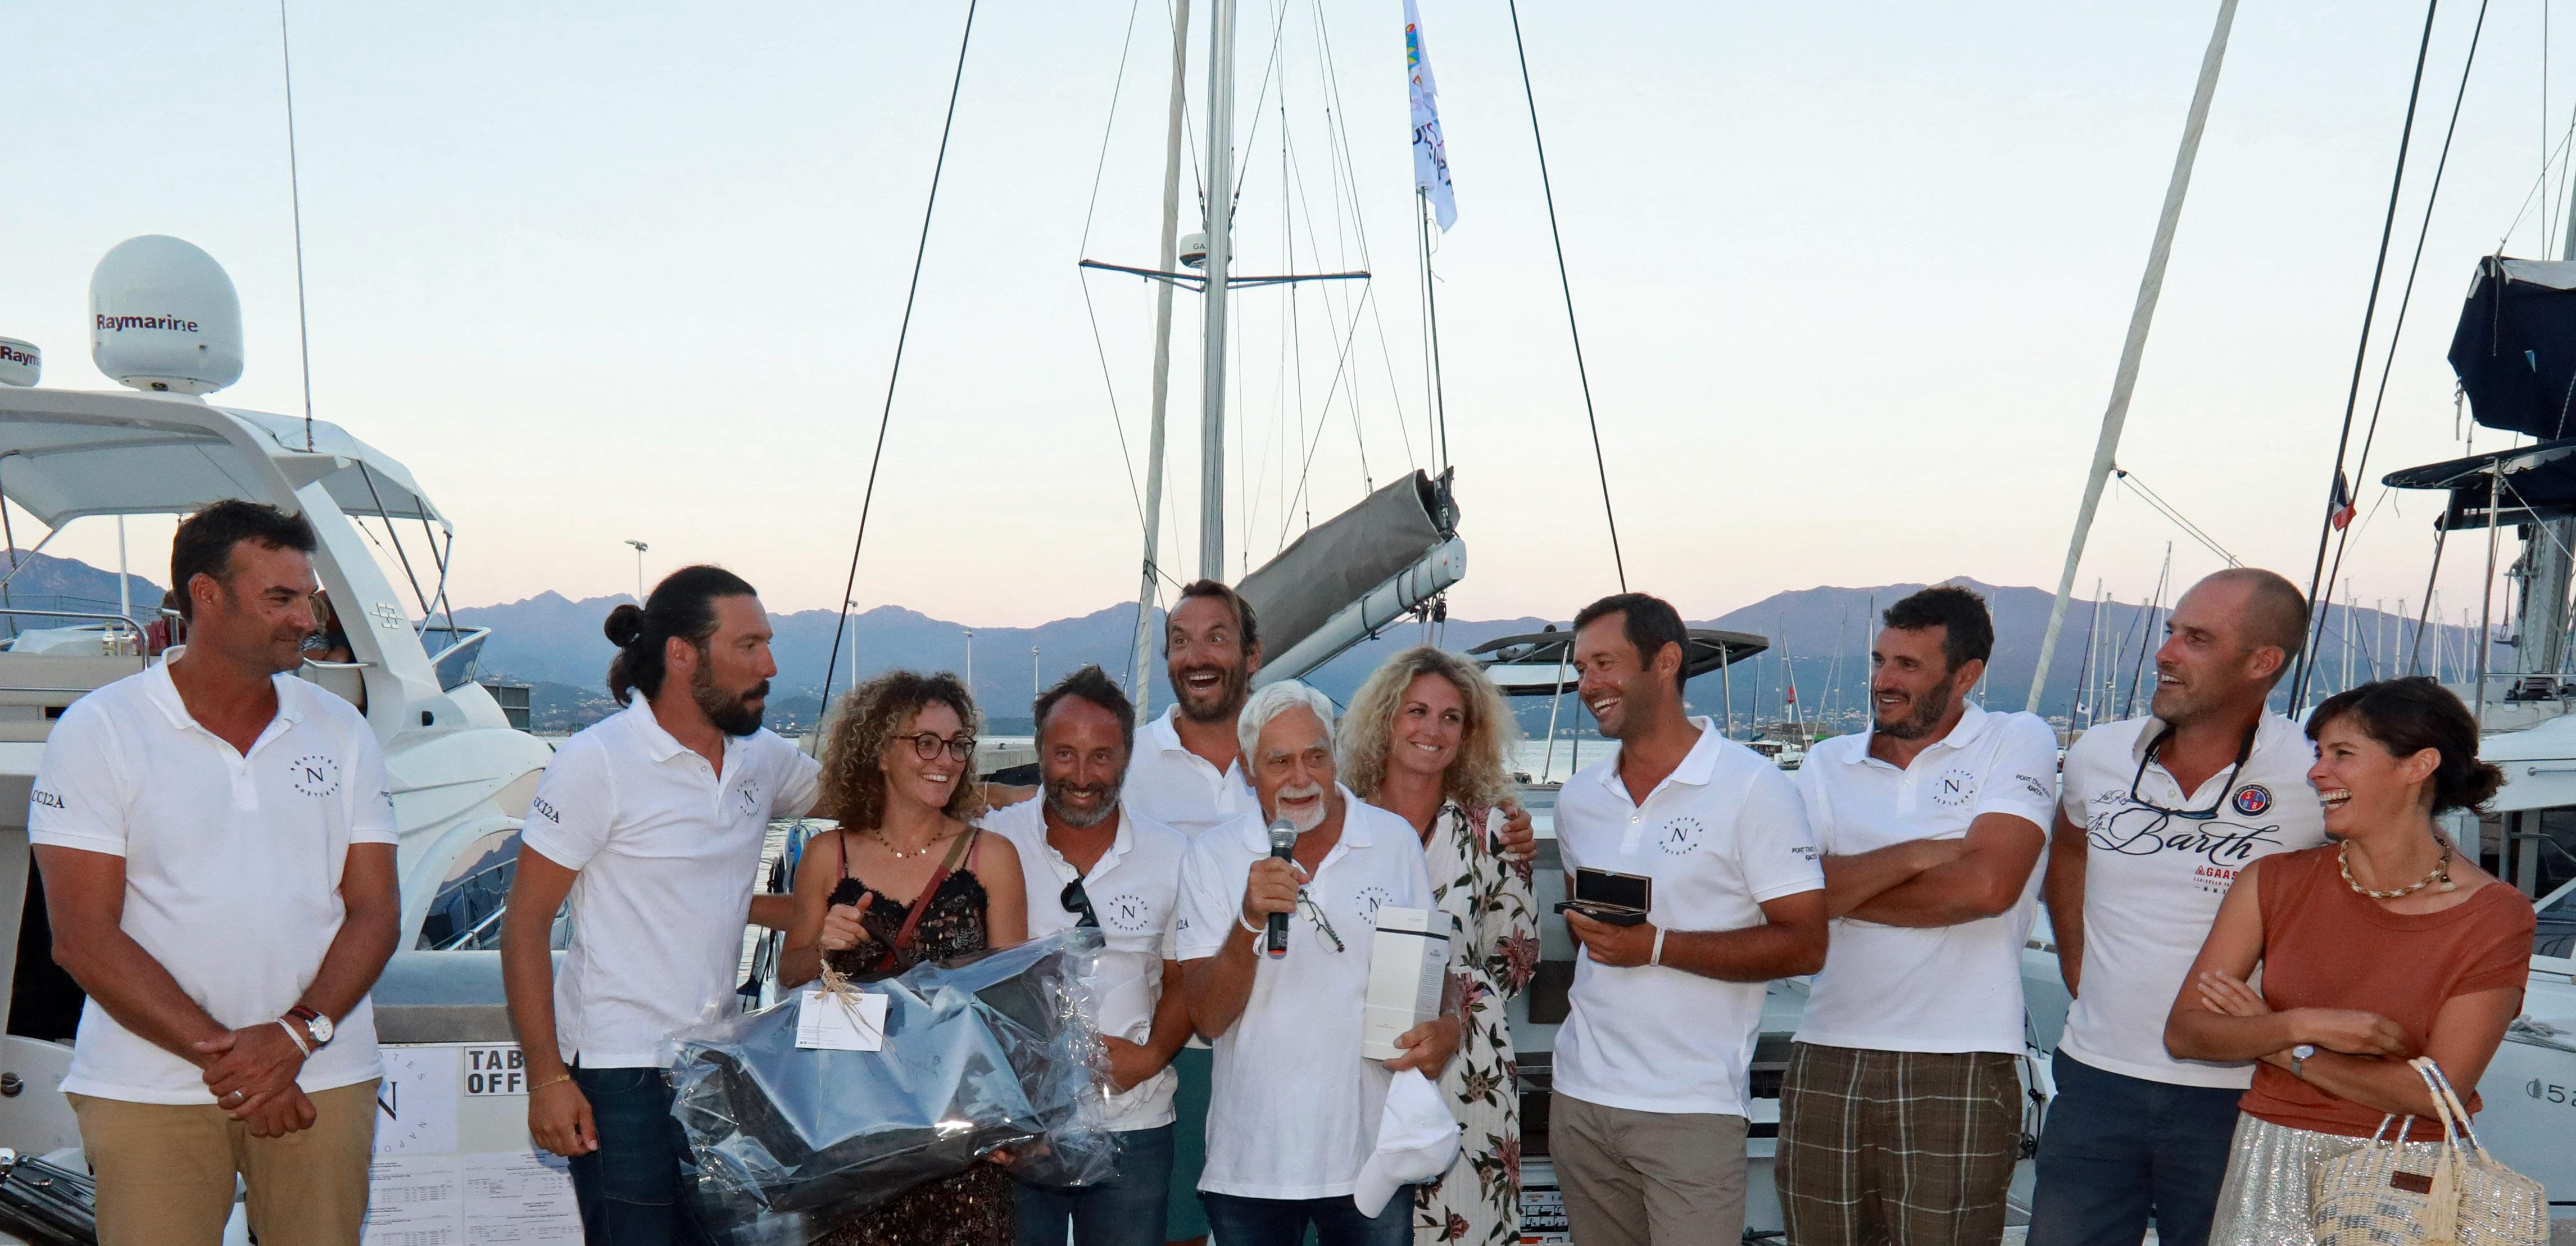 Régates Napoléon 2020 Remise des prix équipage vainqueur SY Aio Coco x Couteaux Terrasses d'Aragon x CCI photo JP Belzit DR